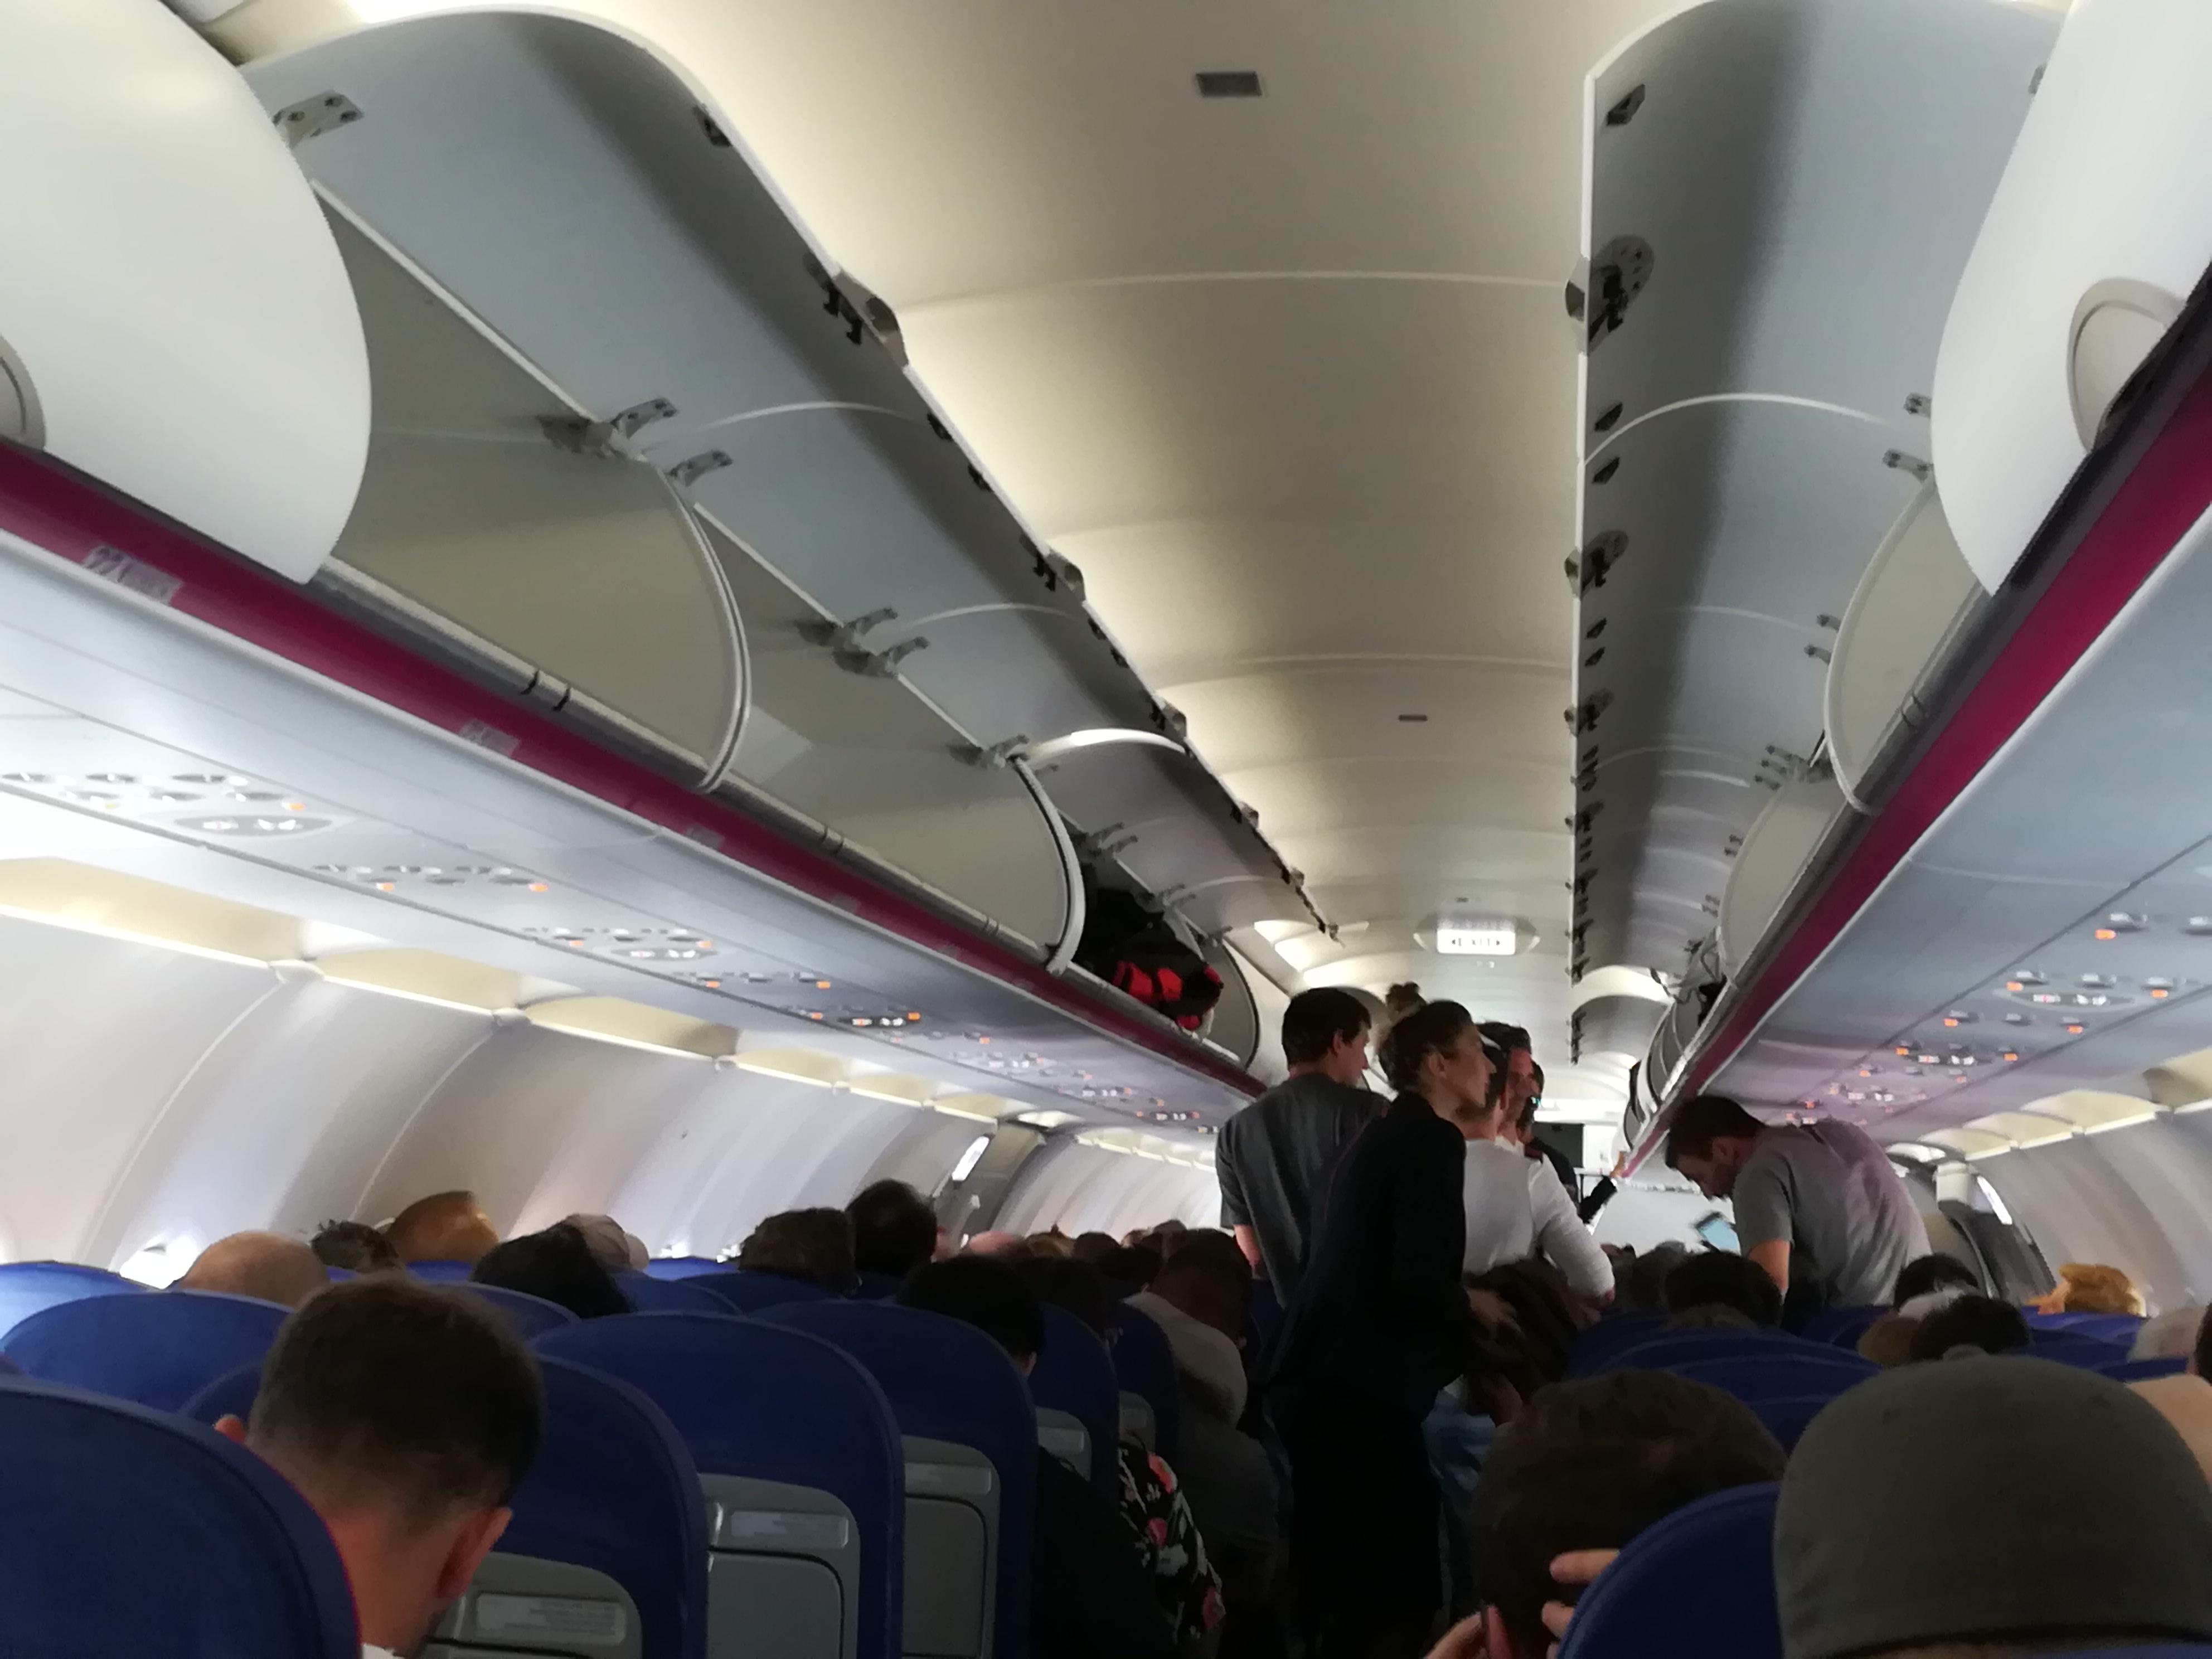 ddbe1eeab362 Sunyi szabályváltozással adott újabb pofont utasainak a Wizz ...